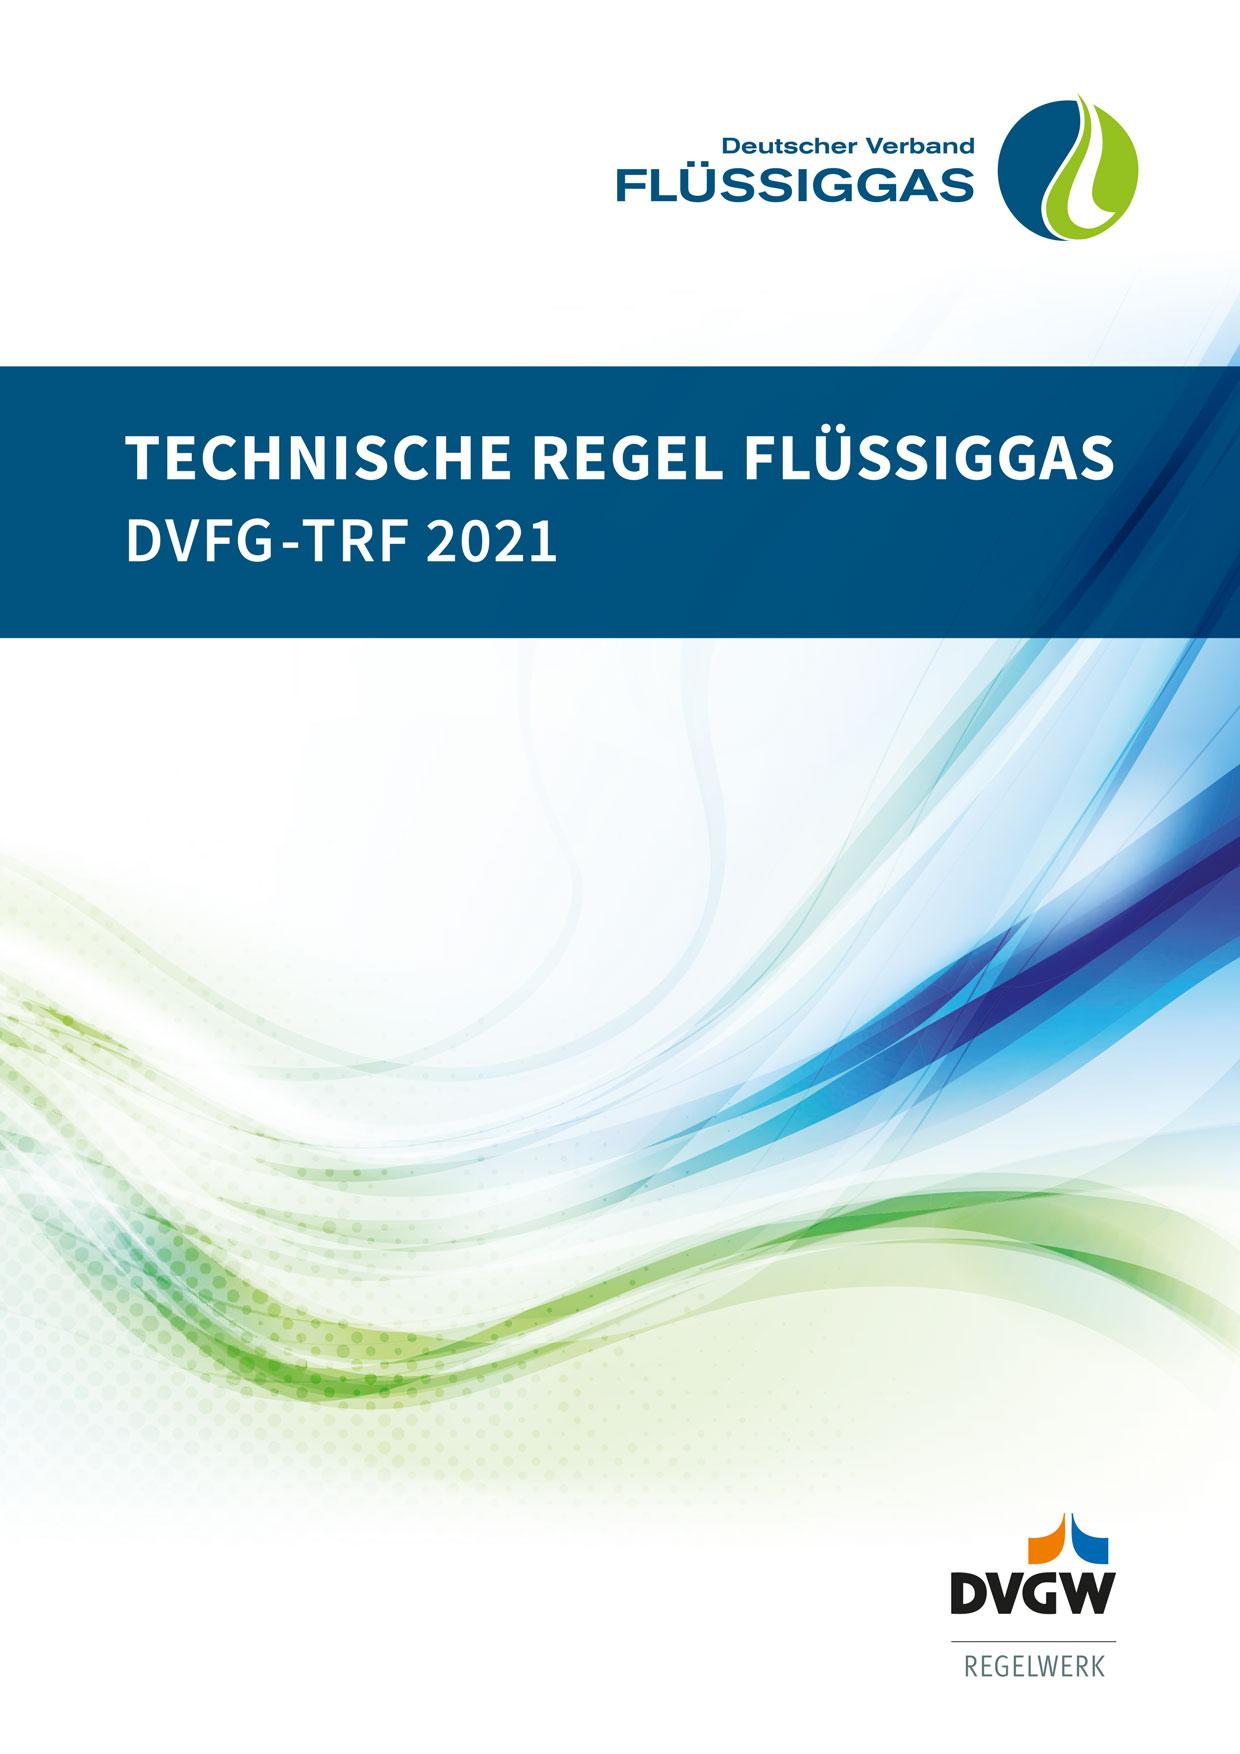 DVFG-TRF 2021 Technische Regel Flüssiggas